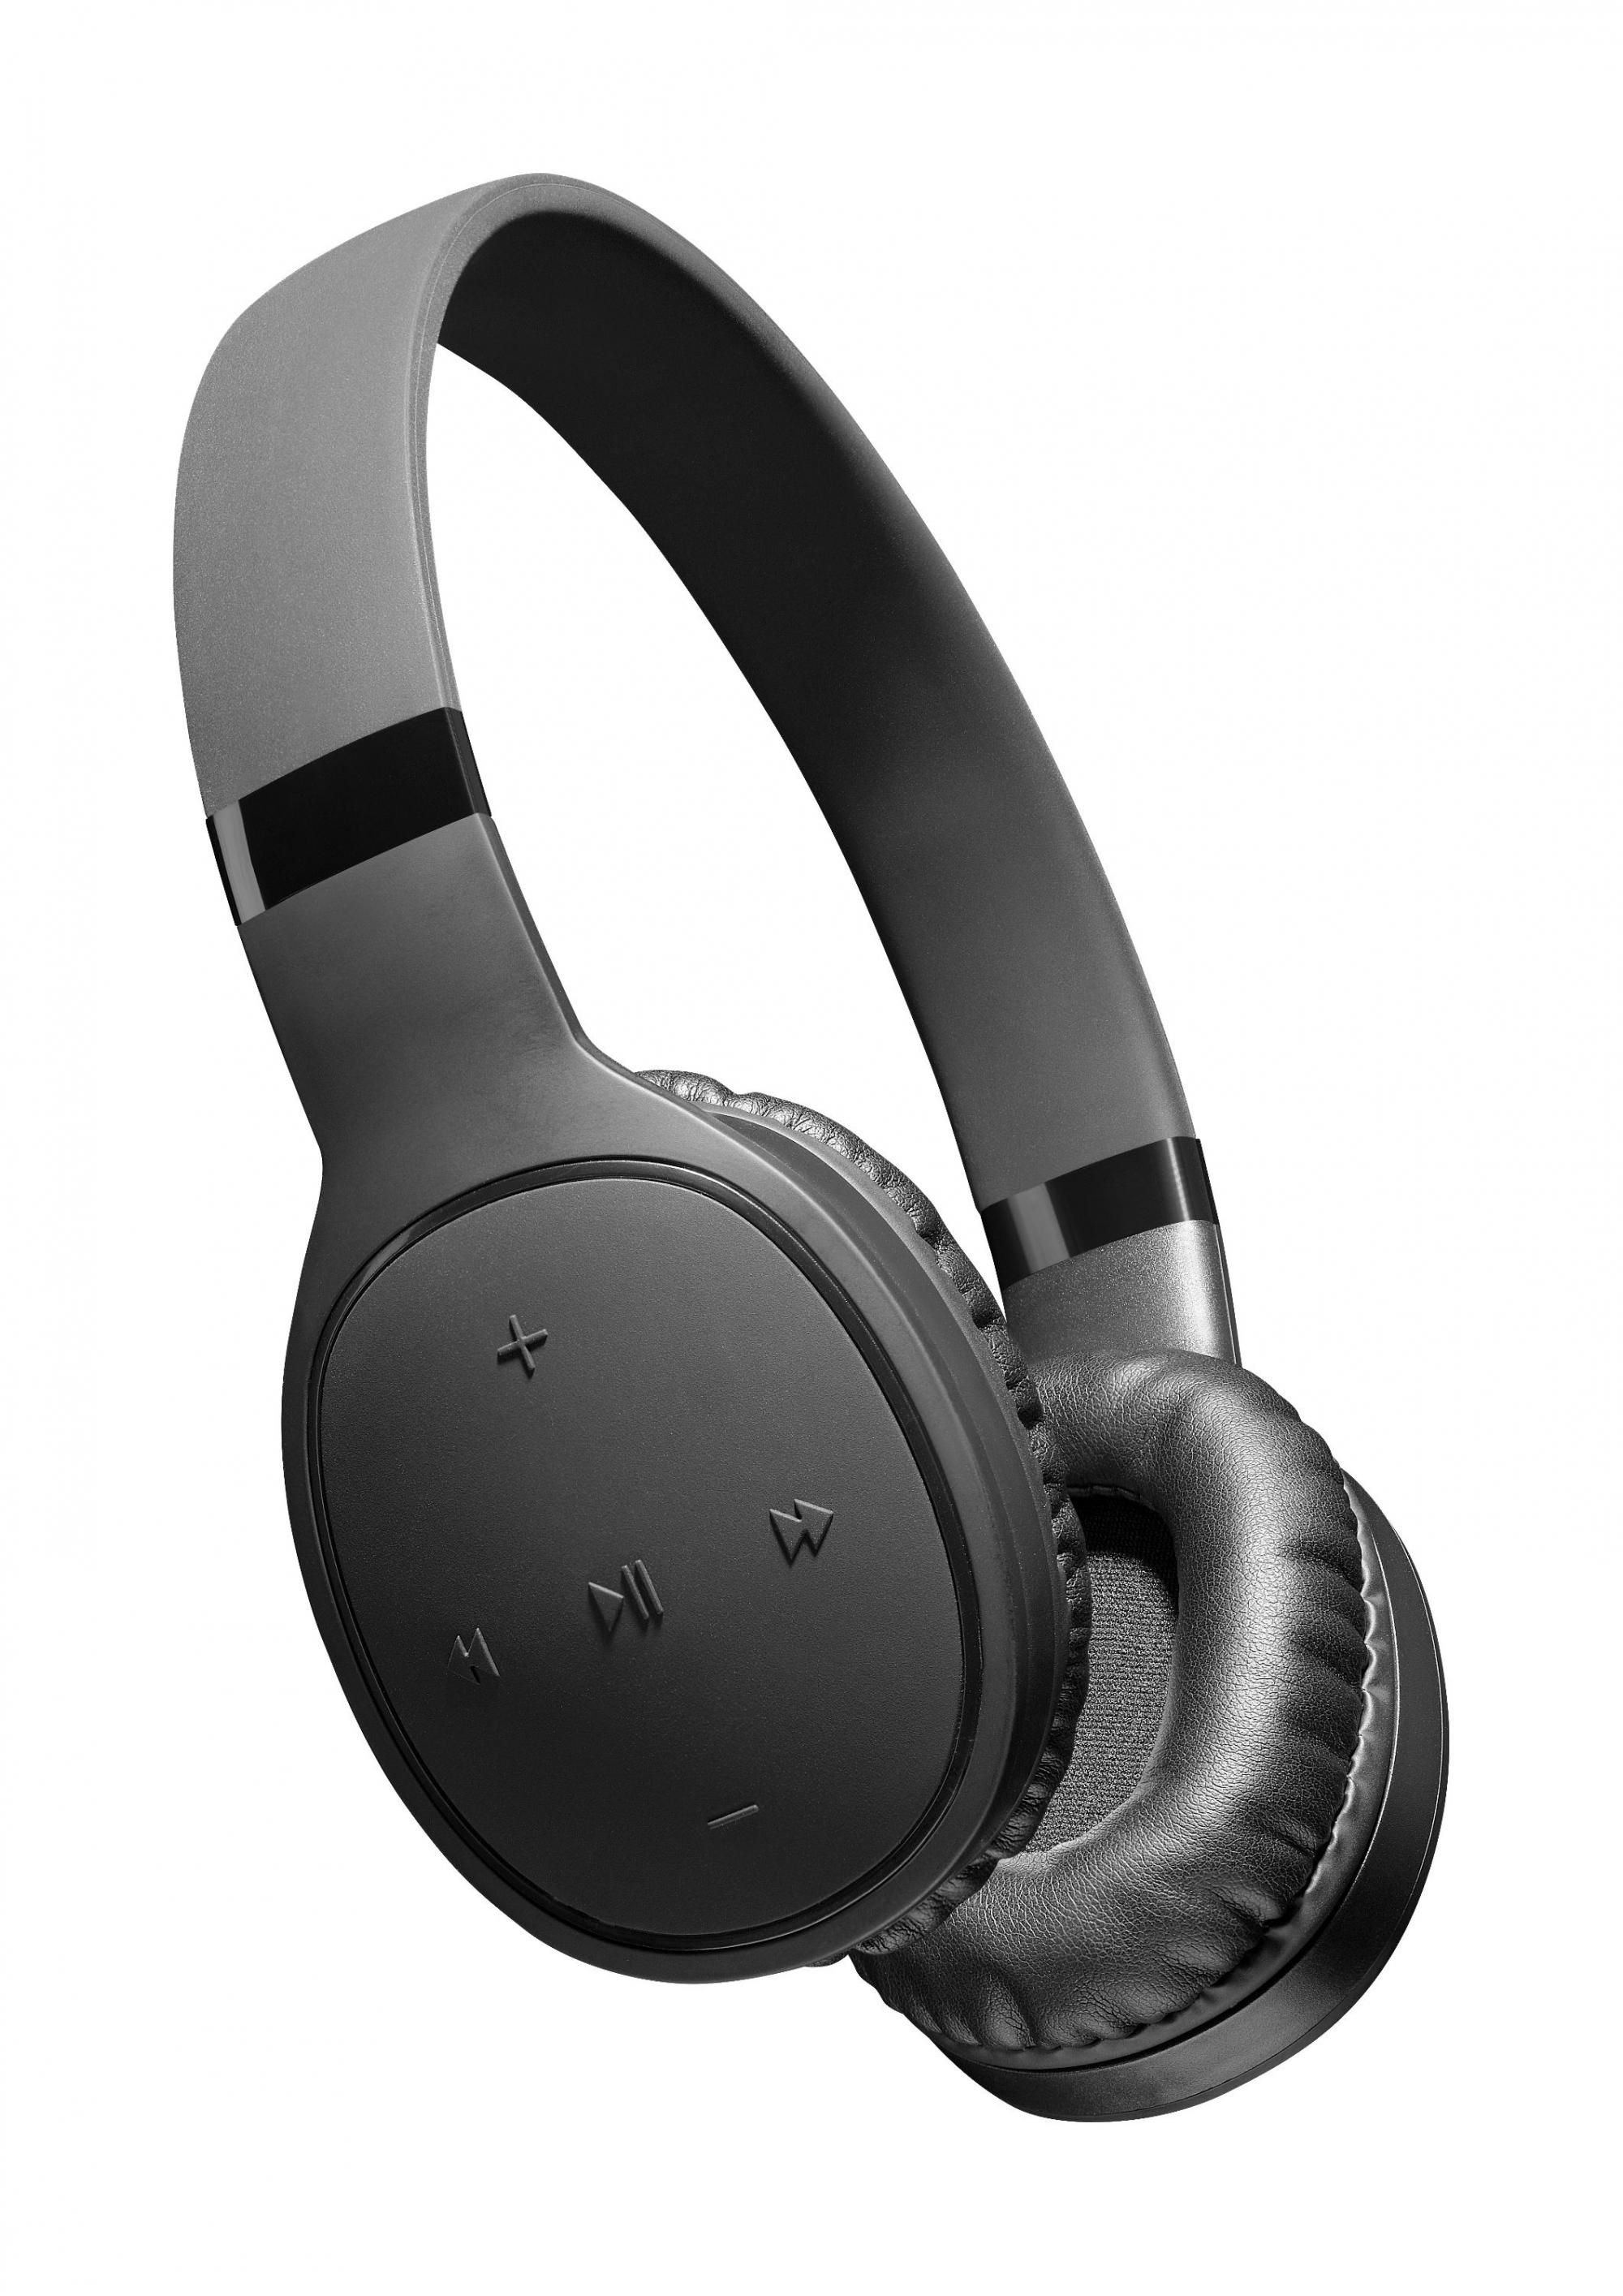 Cuffie Bluetooth coloratissime e super funzionali. Dal design semplice e  innovativo 65e5b77ade76